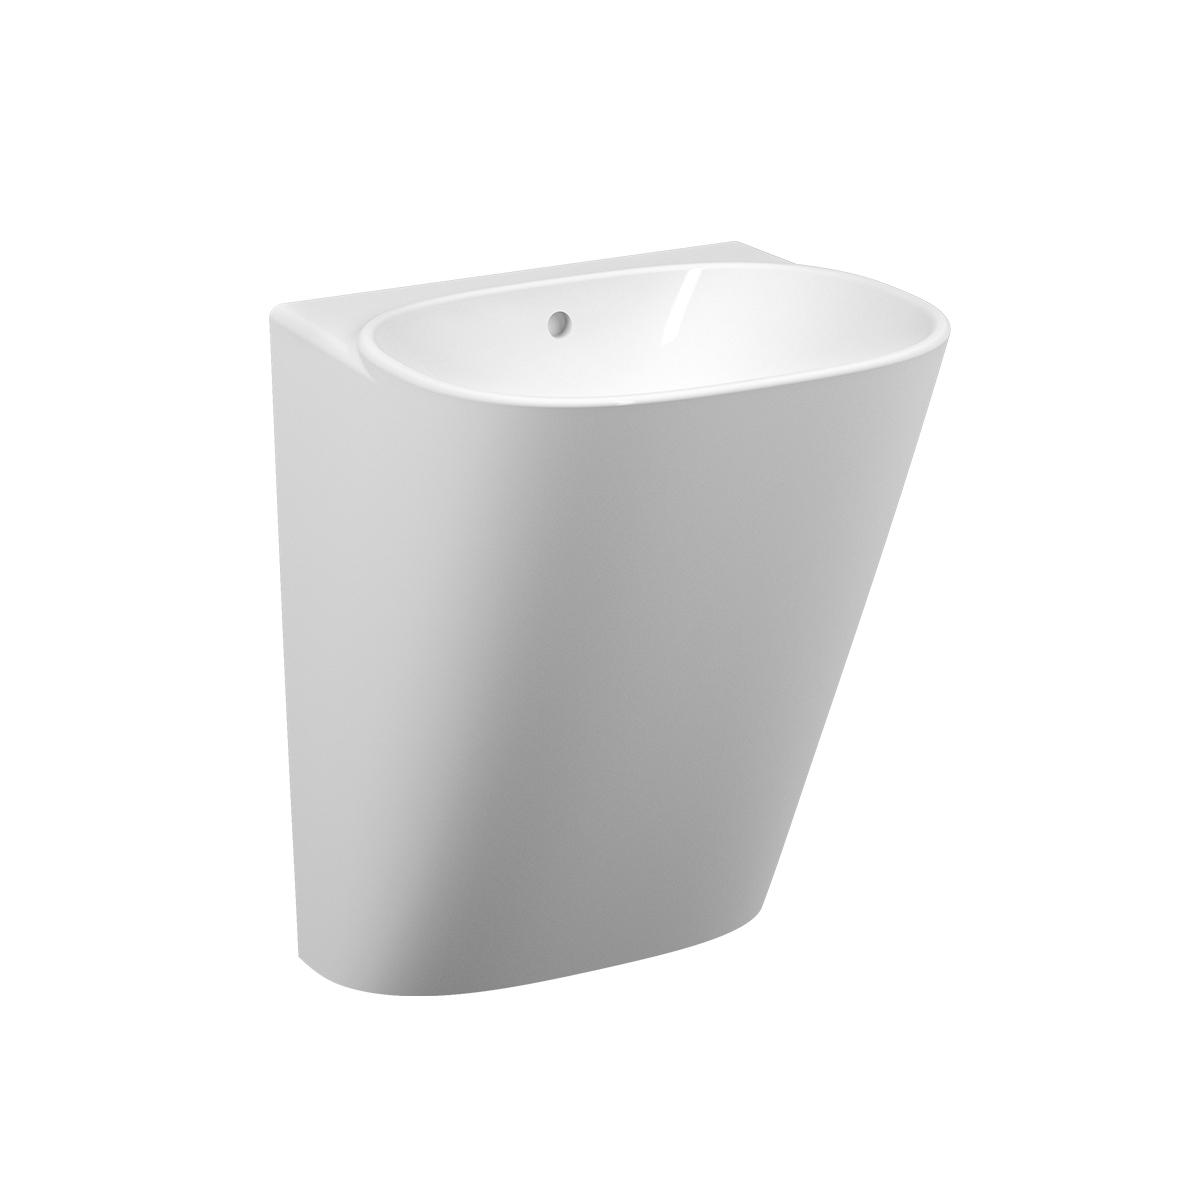 Frame Halbmonoblock, ohne Hahnloch, mit Überlaufloch, Weiß mit VitrA Clean